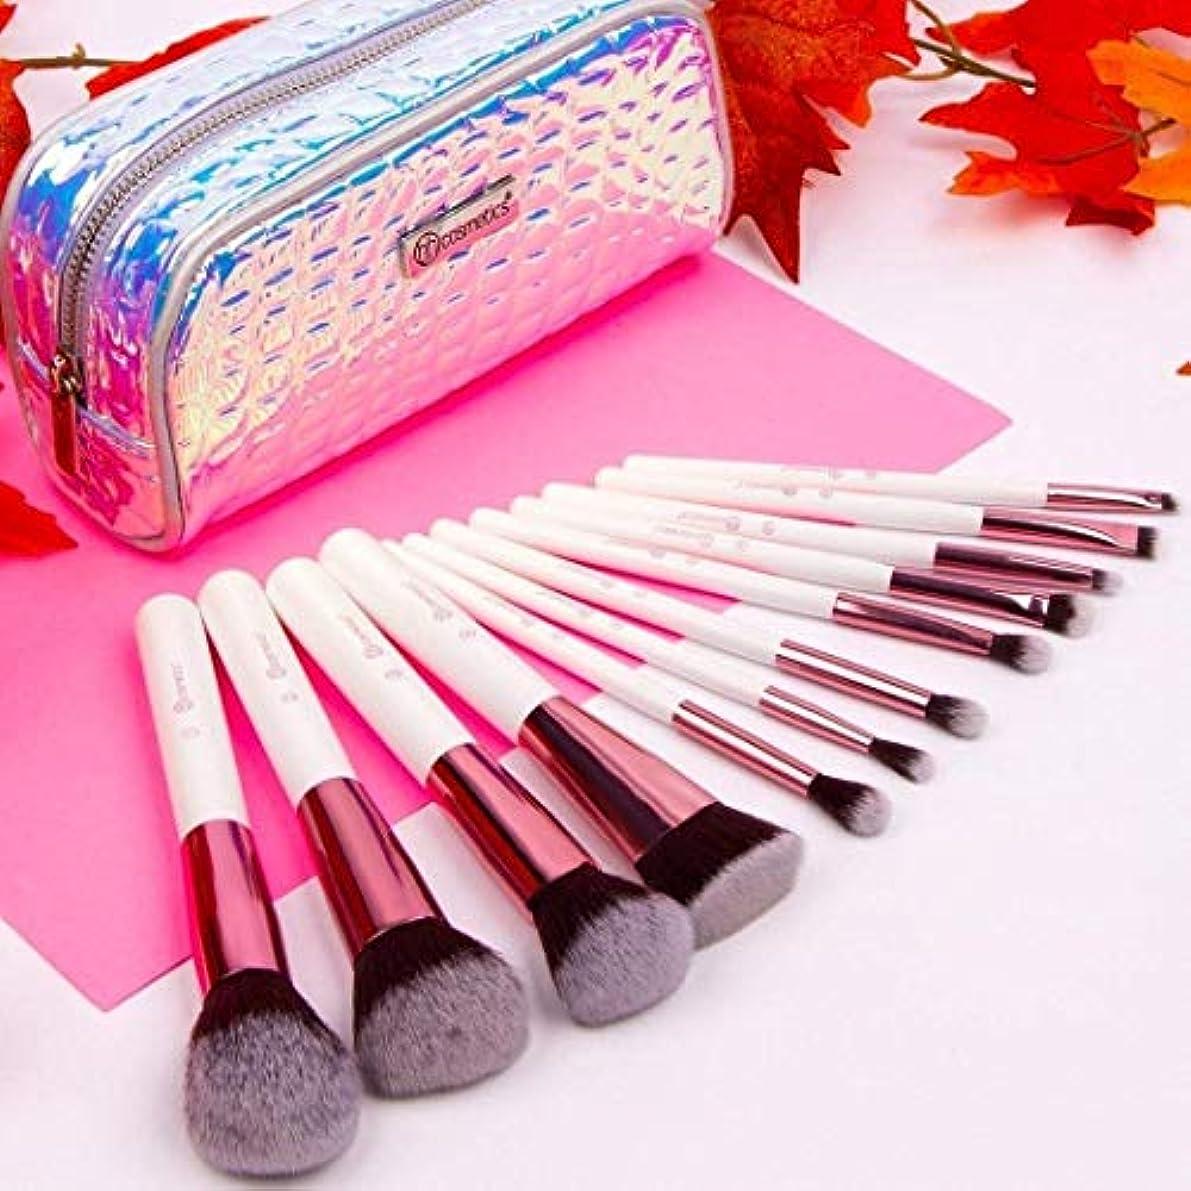 オールひどい爆弾BH cosmetics メイクブラシ アイシャドウブラシ 化粧筆 12本セット コスメブラシ 多機能メイクブラシケース付き収納便利 (12本セット)